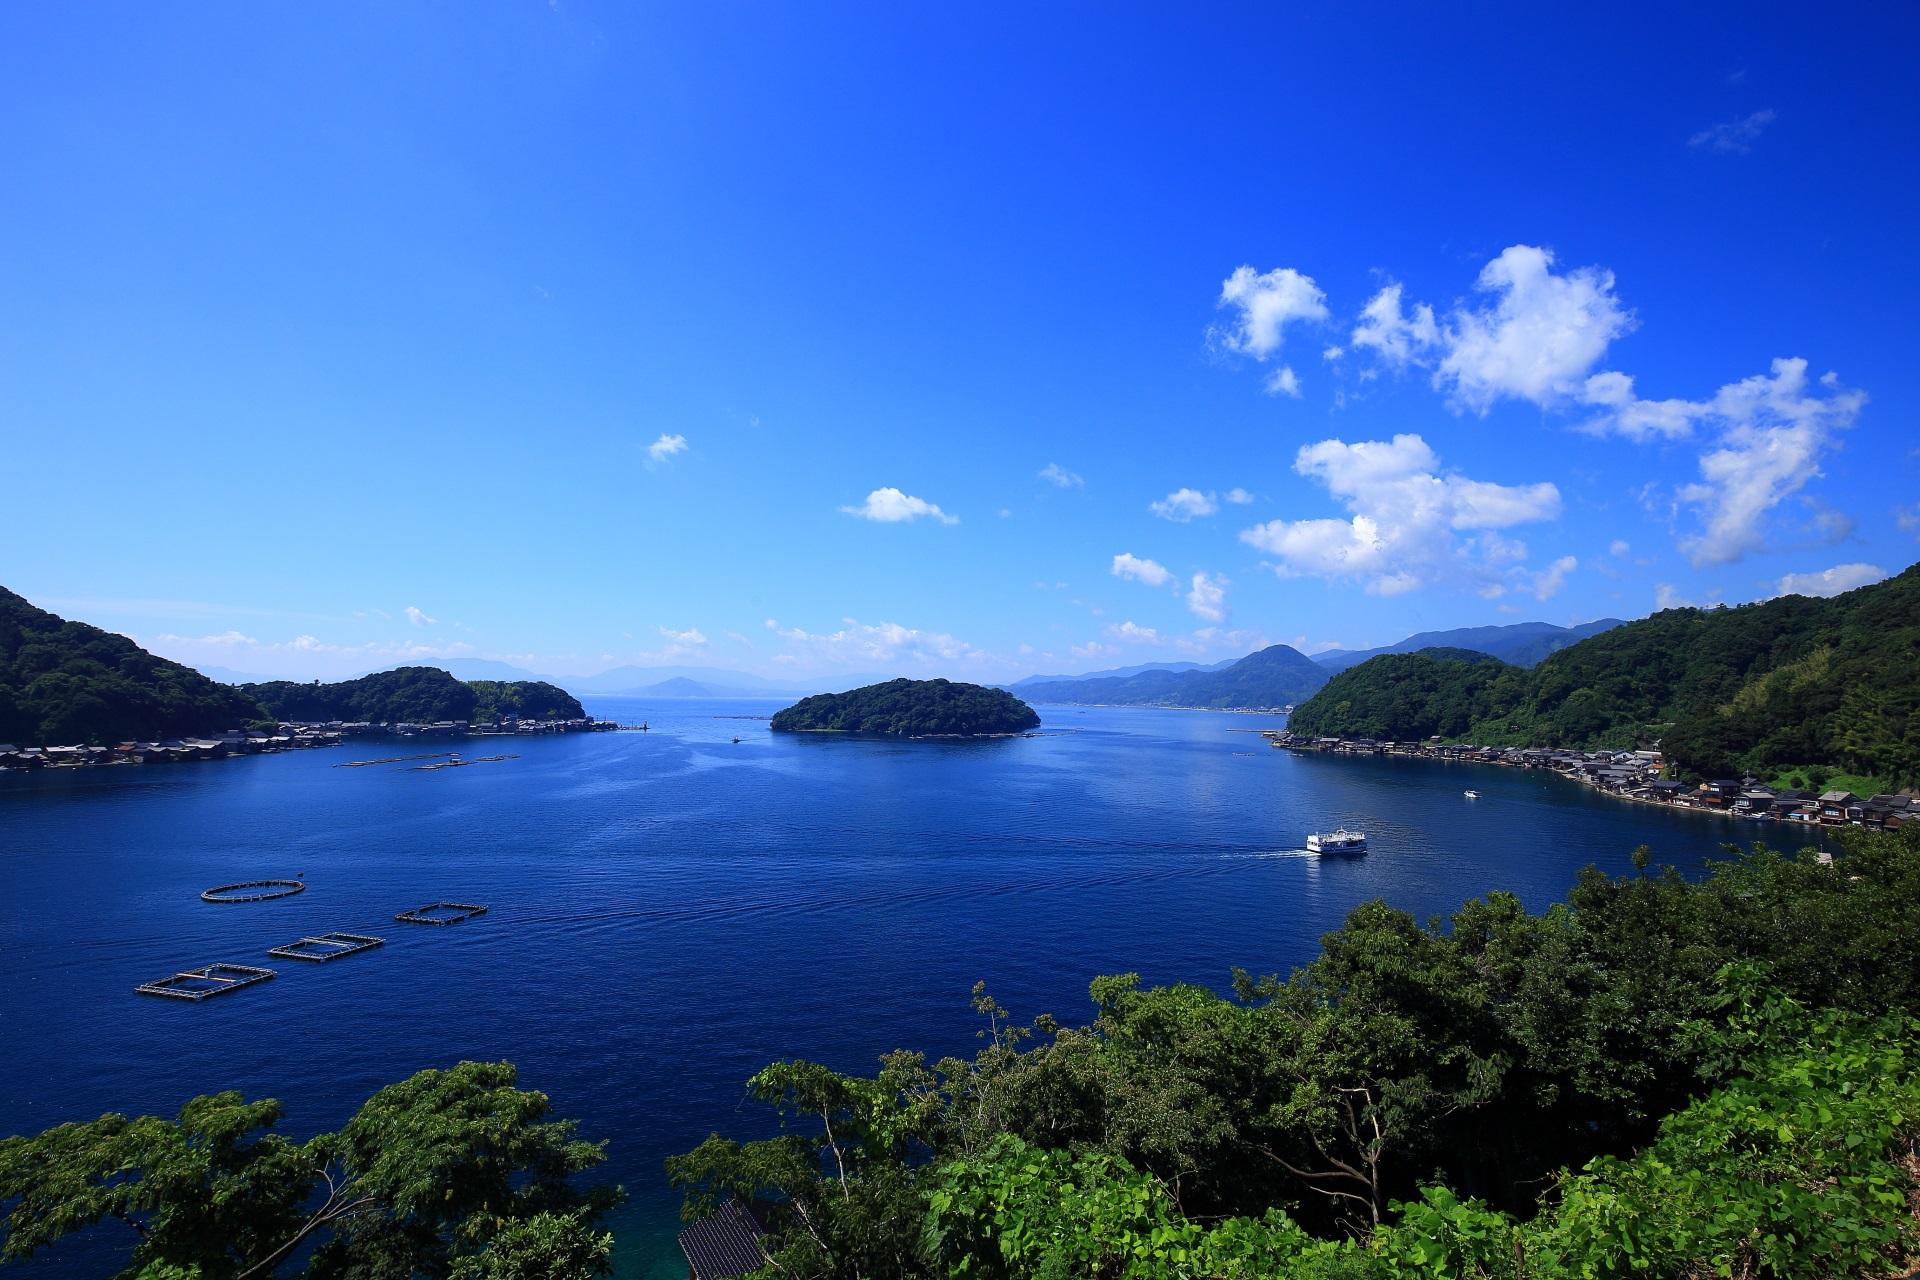 伊根湾の遊覧船と穏やかな海を保つ真ん中の「青島」